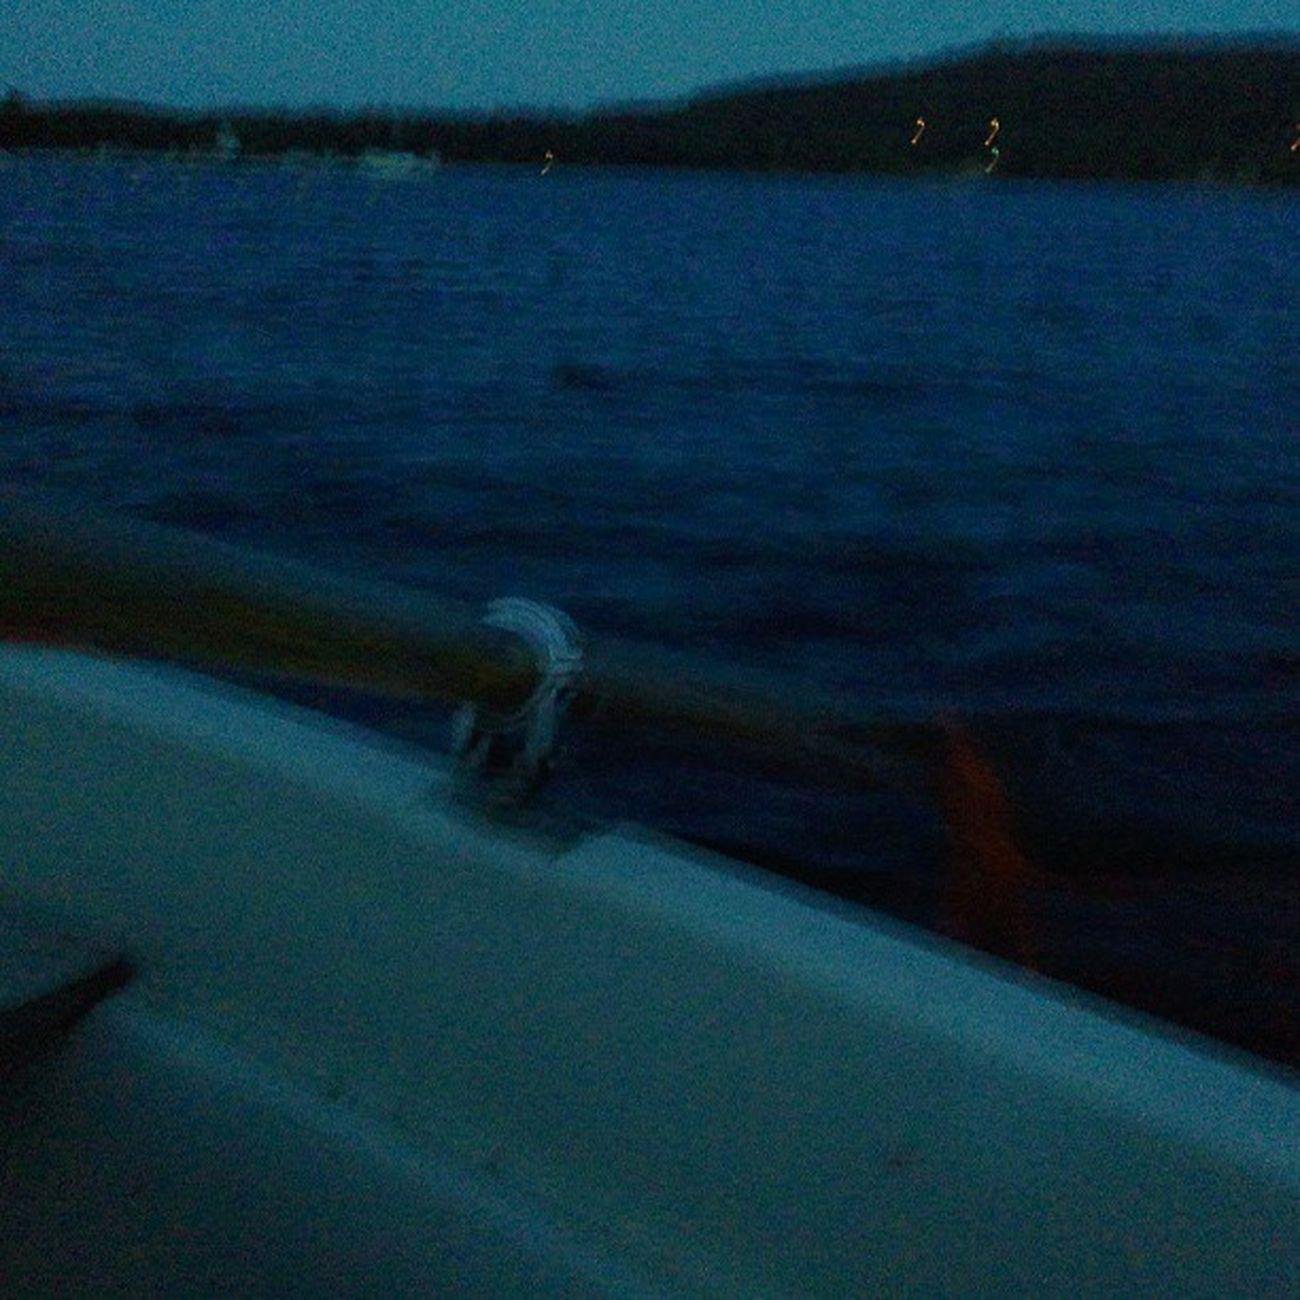 Vaha Pelastusveneillää Pussikalja Jeejee Katis Kiesil LOL Kesä2013